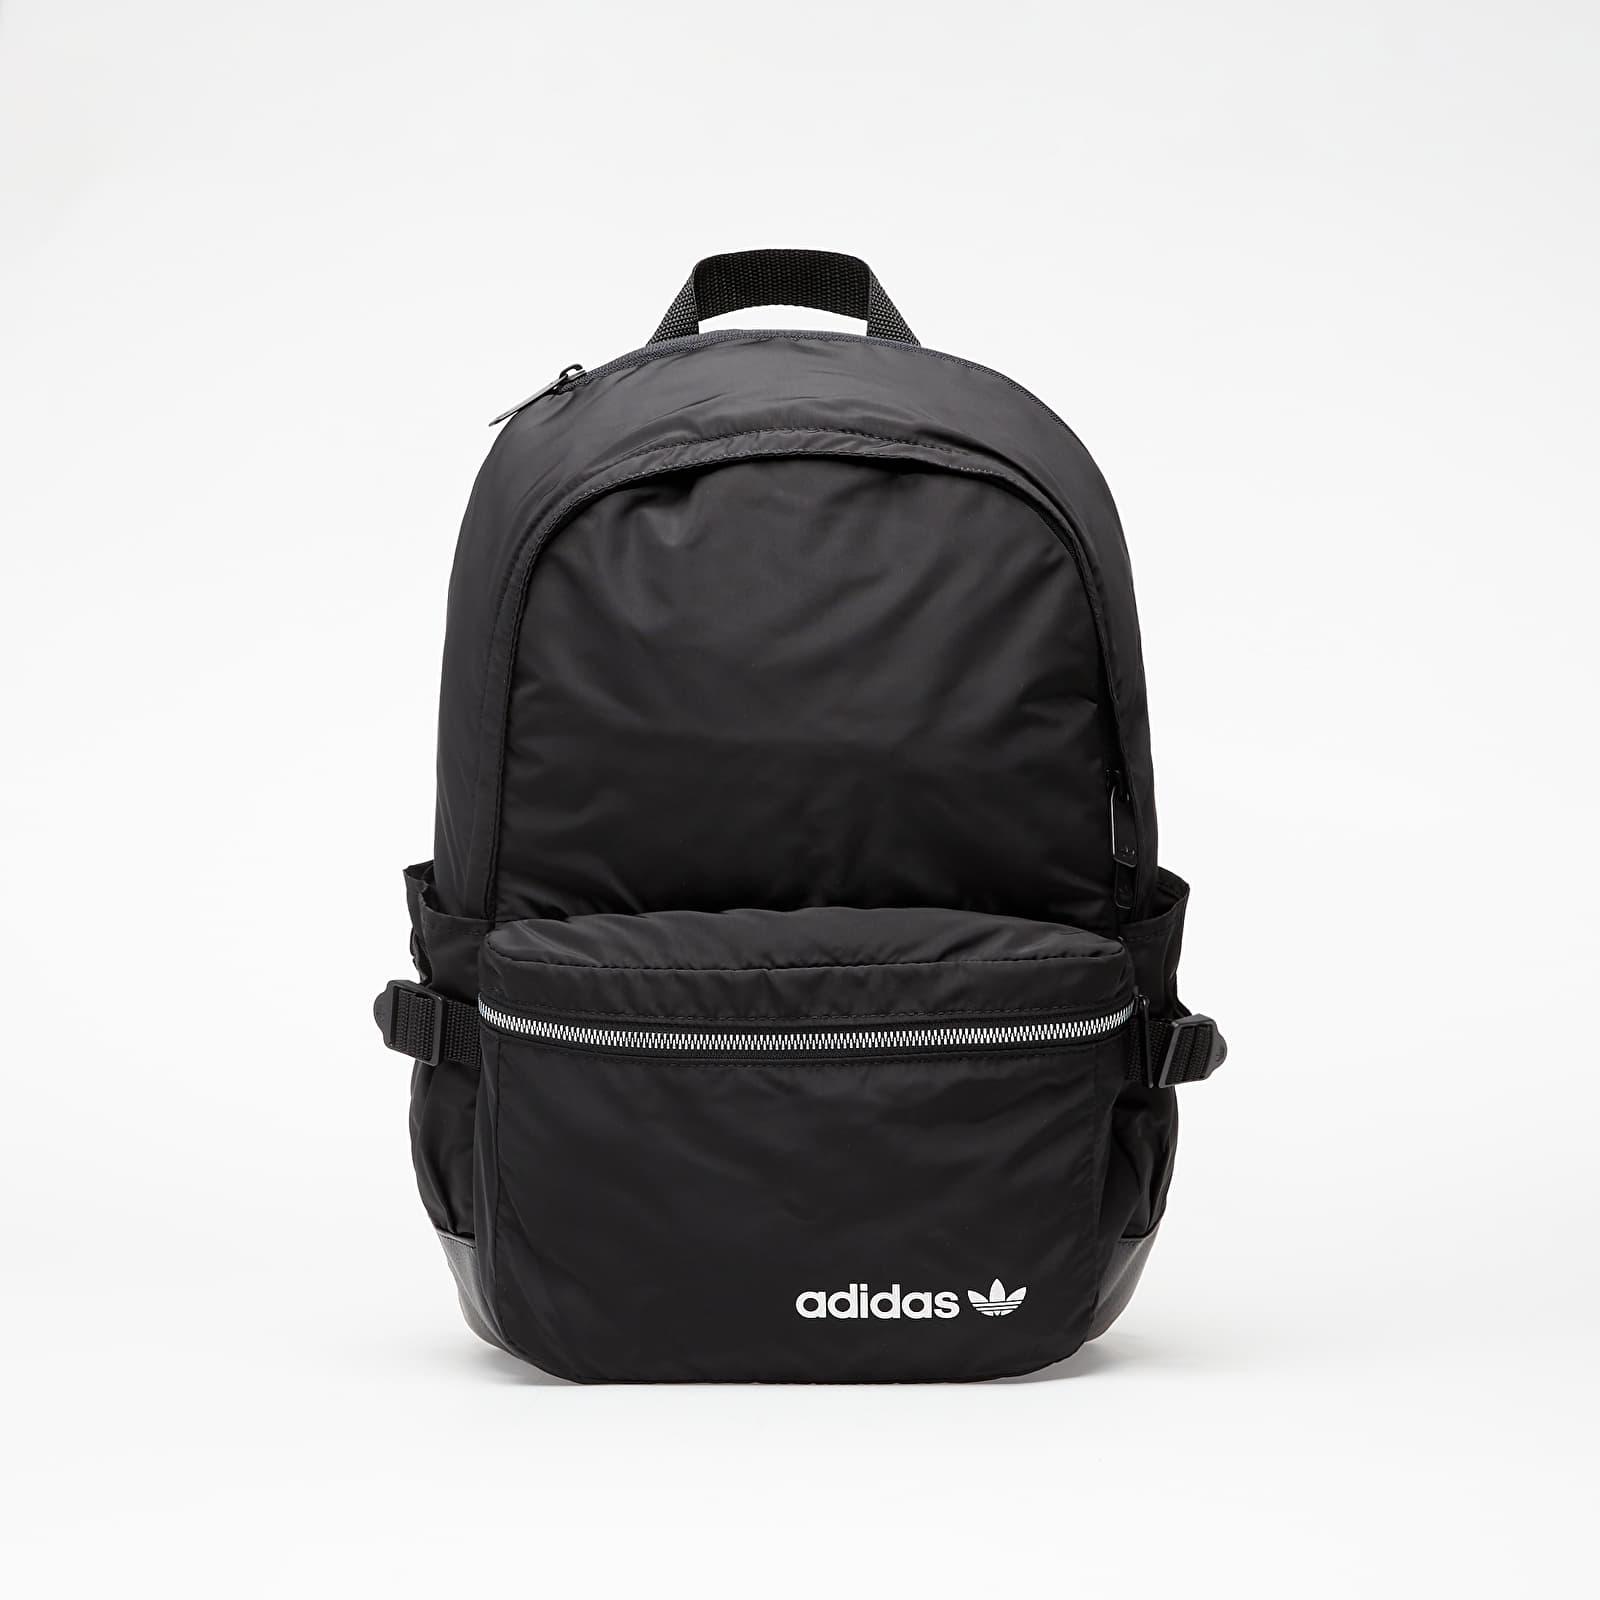 adidas Premium Essentials Modern Backpack Black/ White 24 litrů